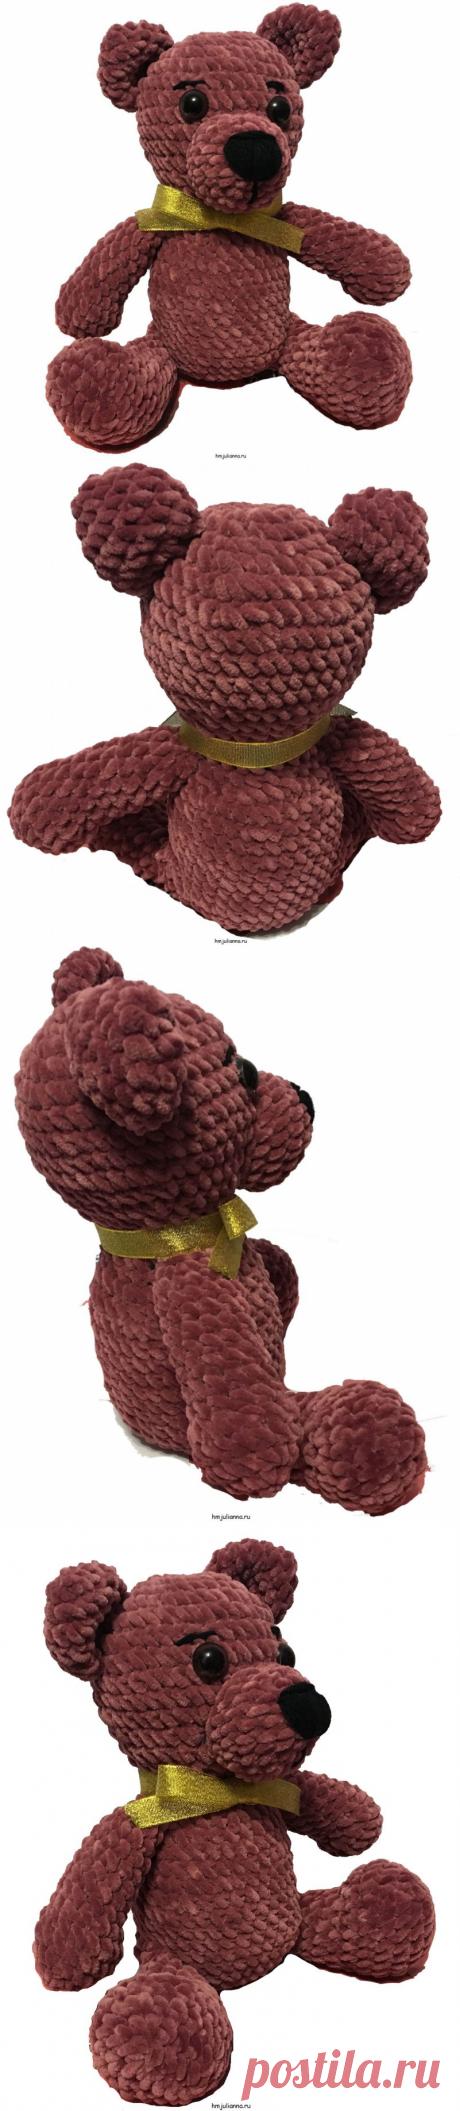 Плюшевый, сидячий медведь с золотистой бабочкой мягкая игрушкаМастерская рукоделия Анны Ганоцкой